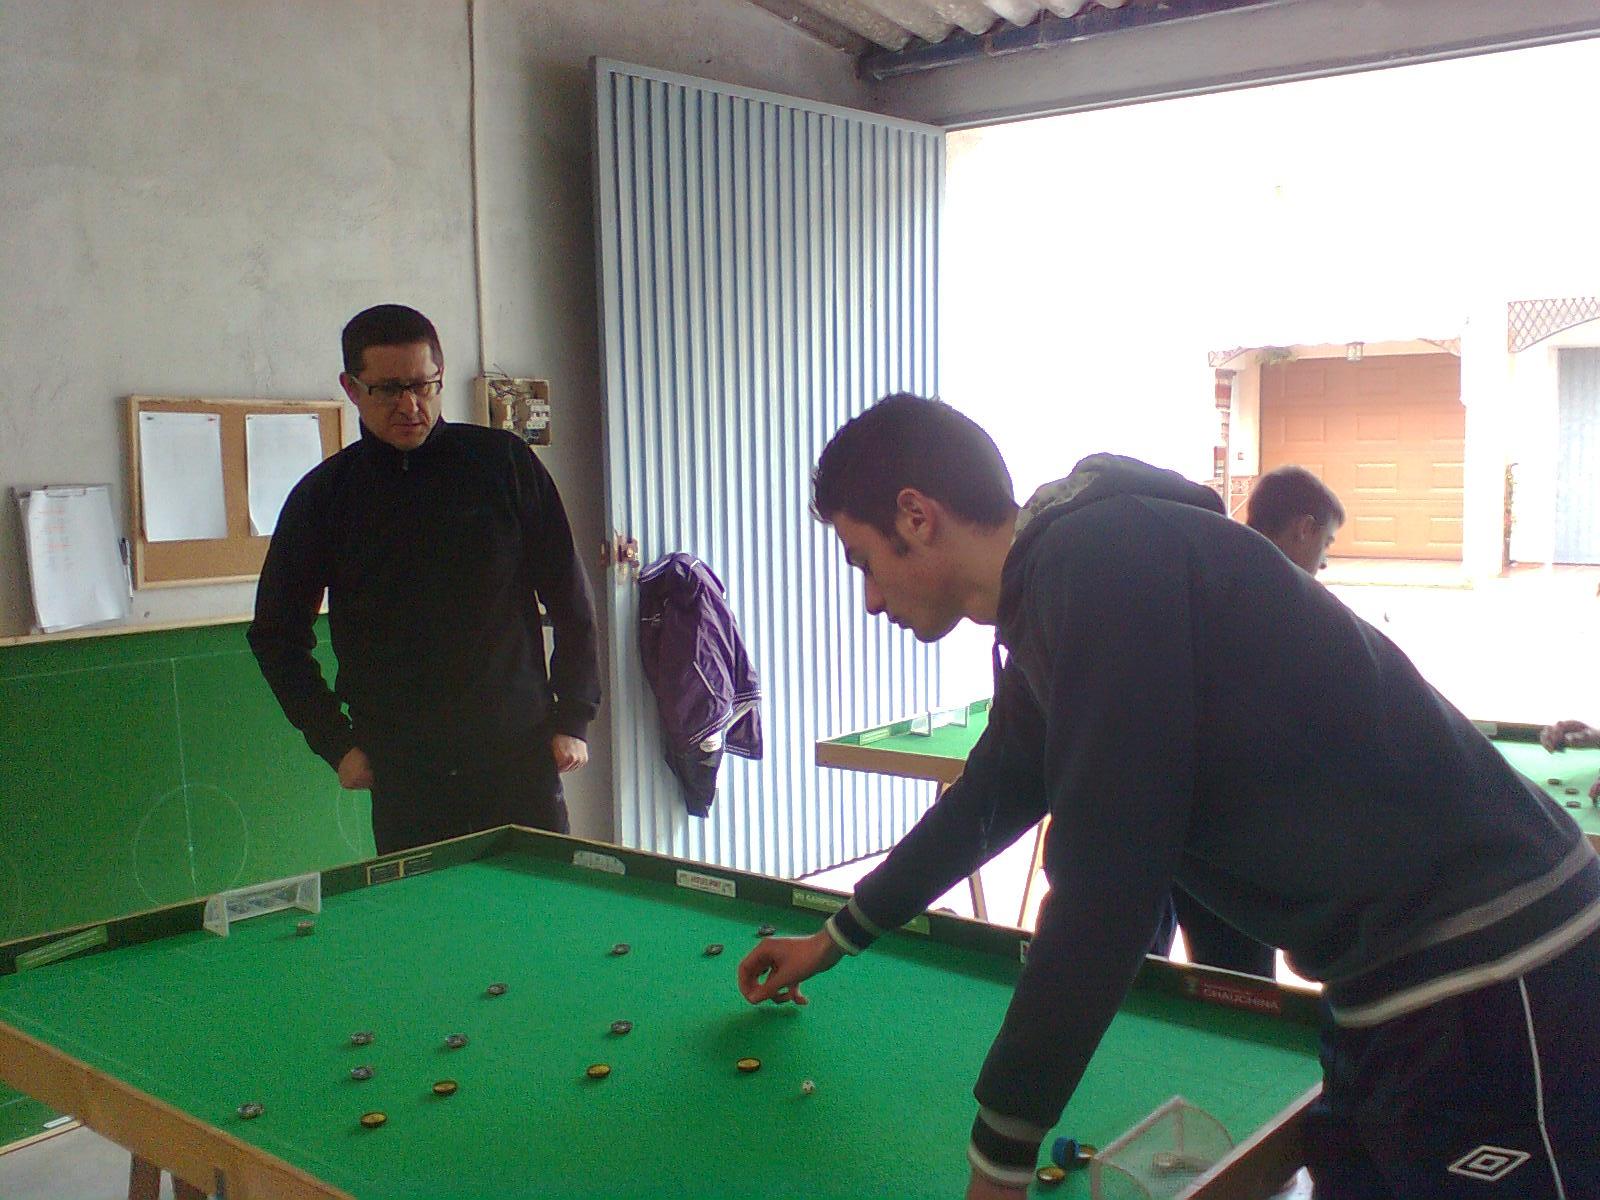 Gran partido el disputado entre Jose Antonio y Alberto